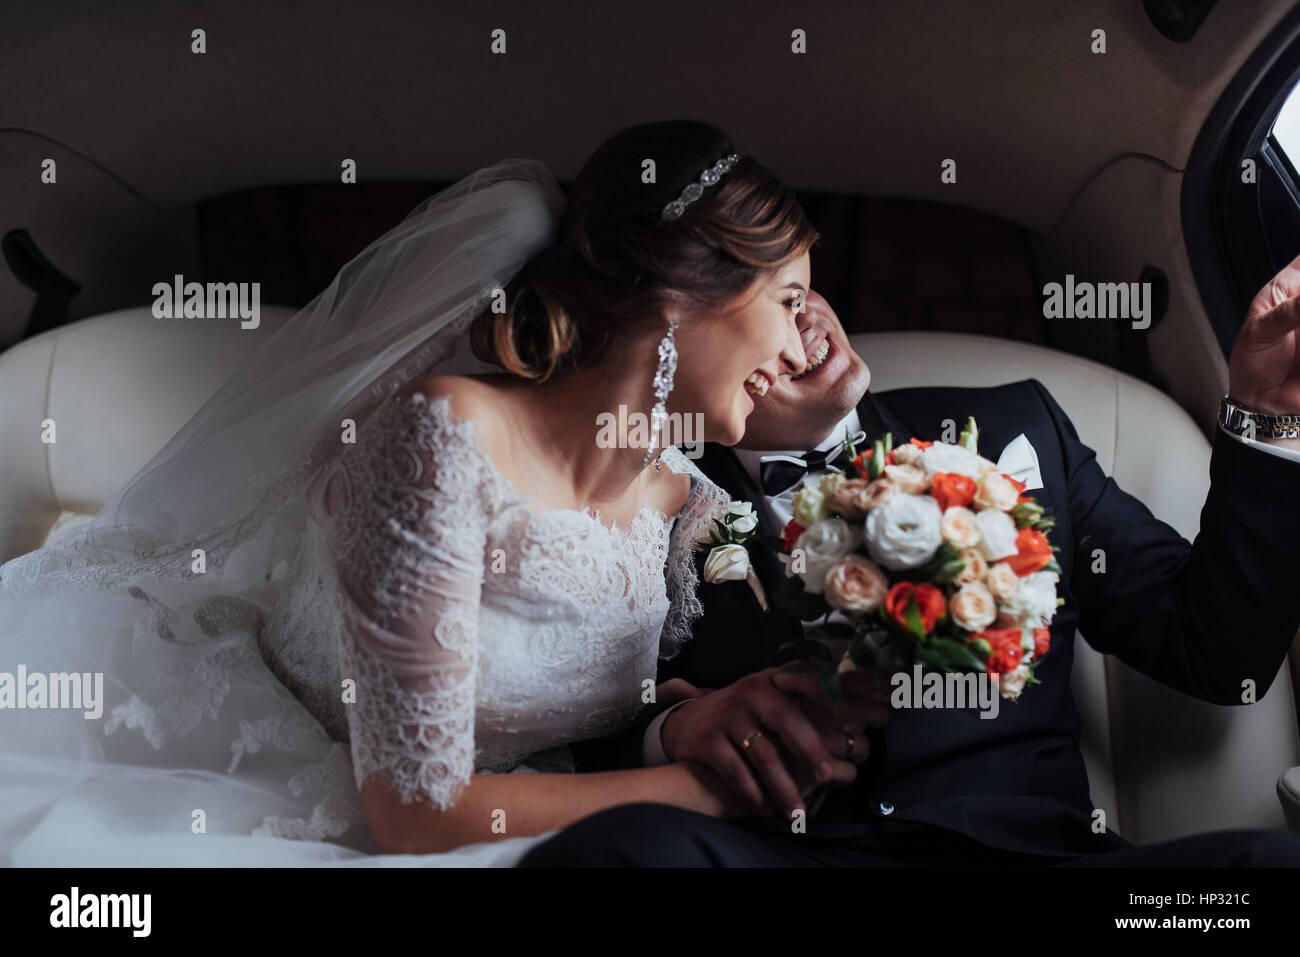 Jeune couple dans une voiture à jour du mariage. Photo Stock